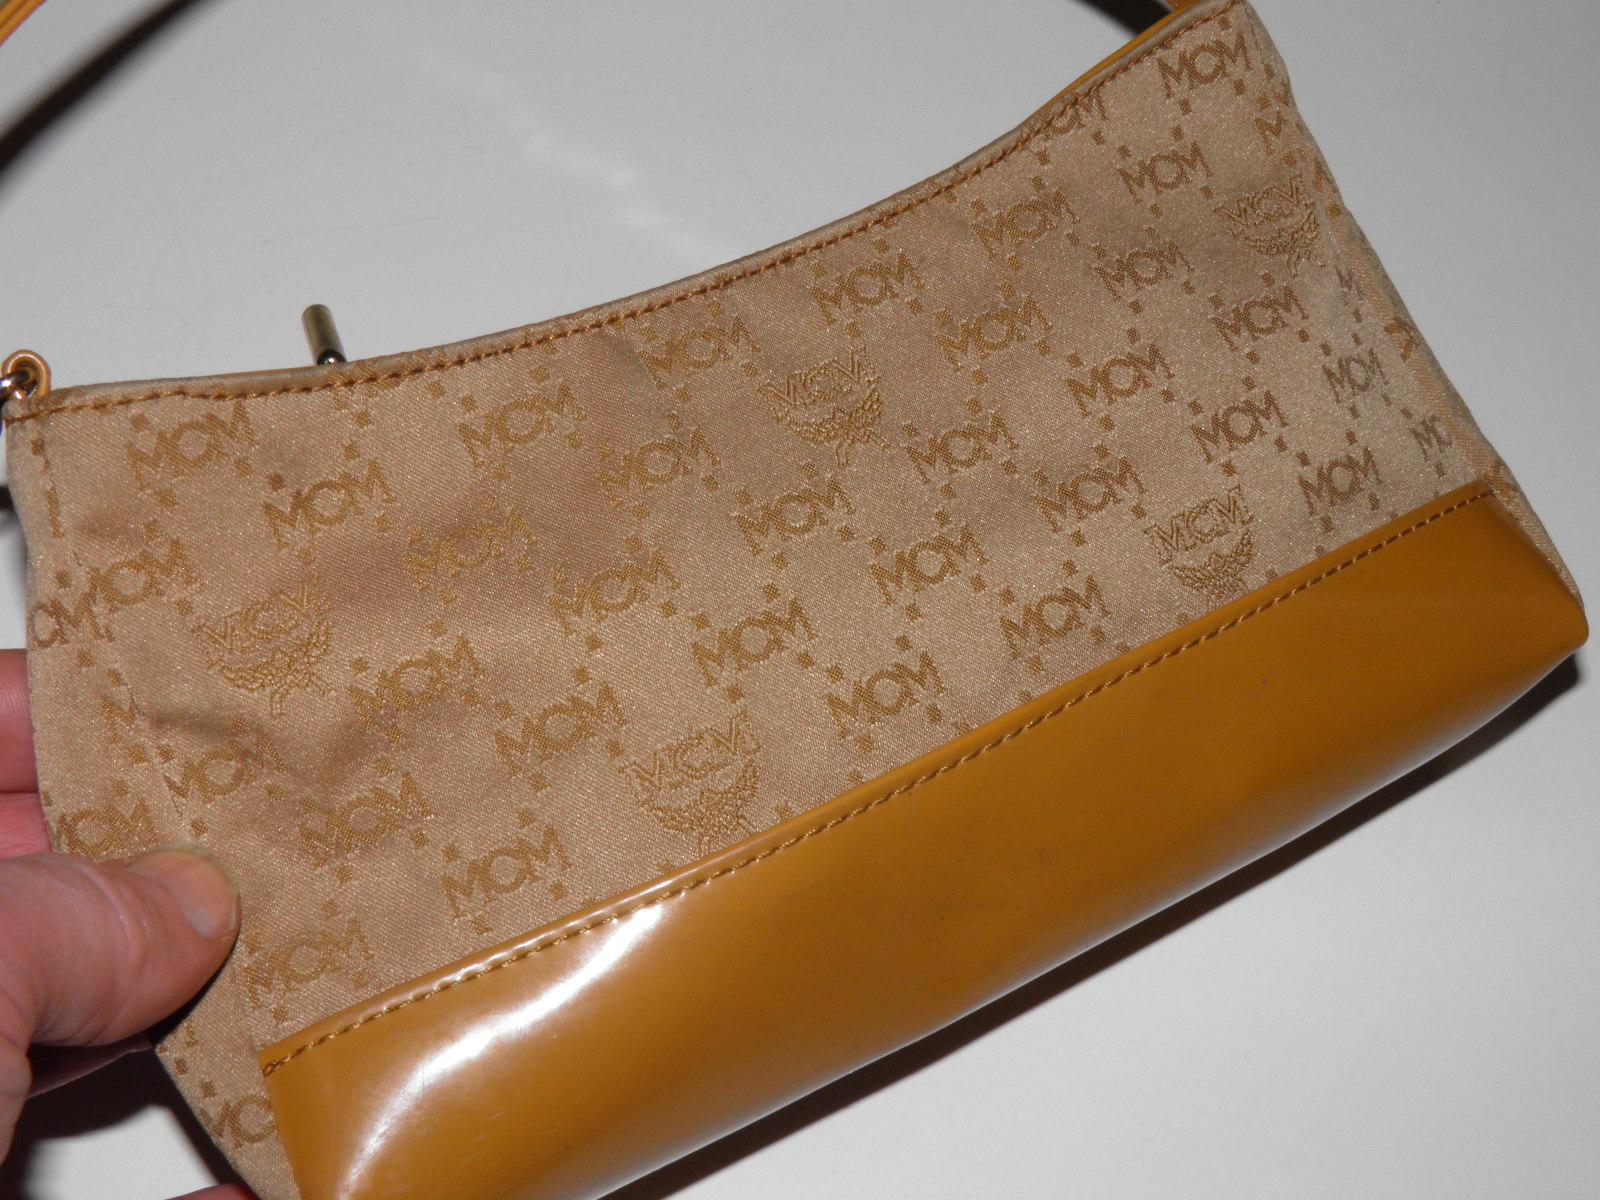 MCM makeup pouch